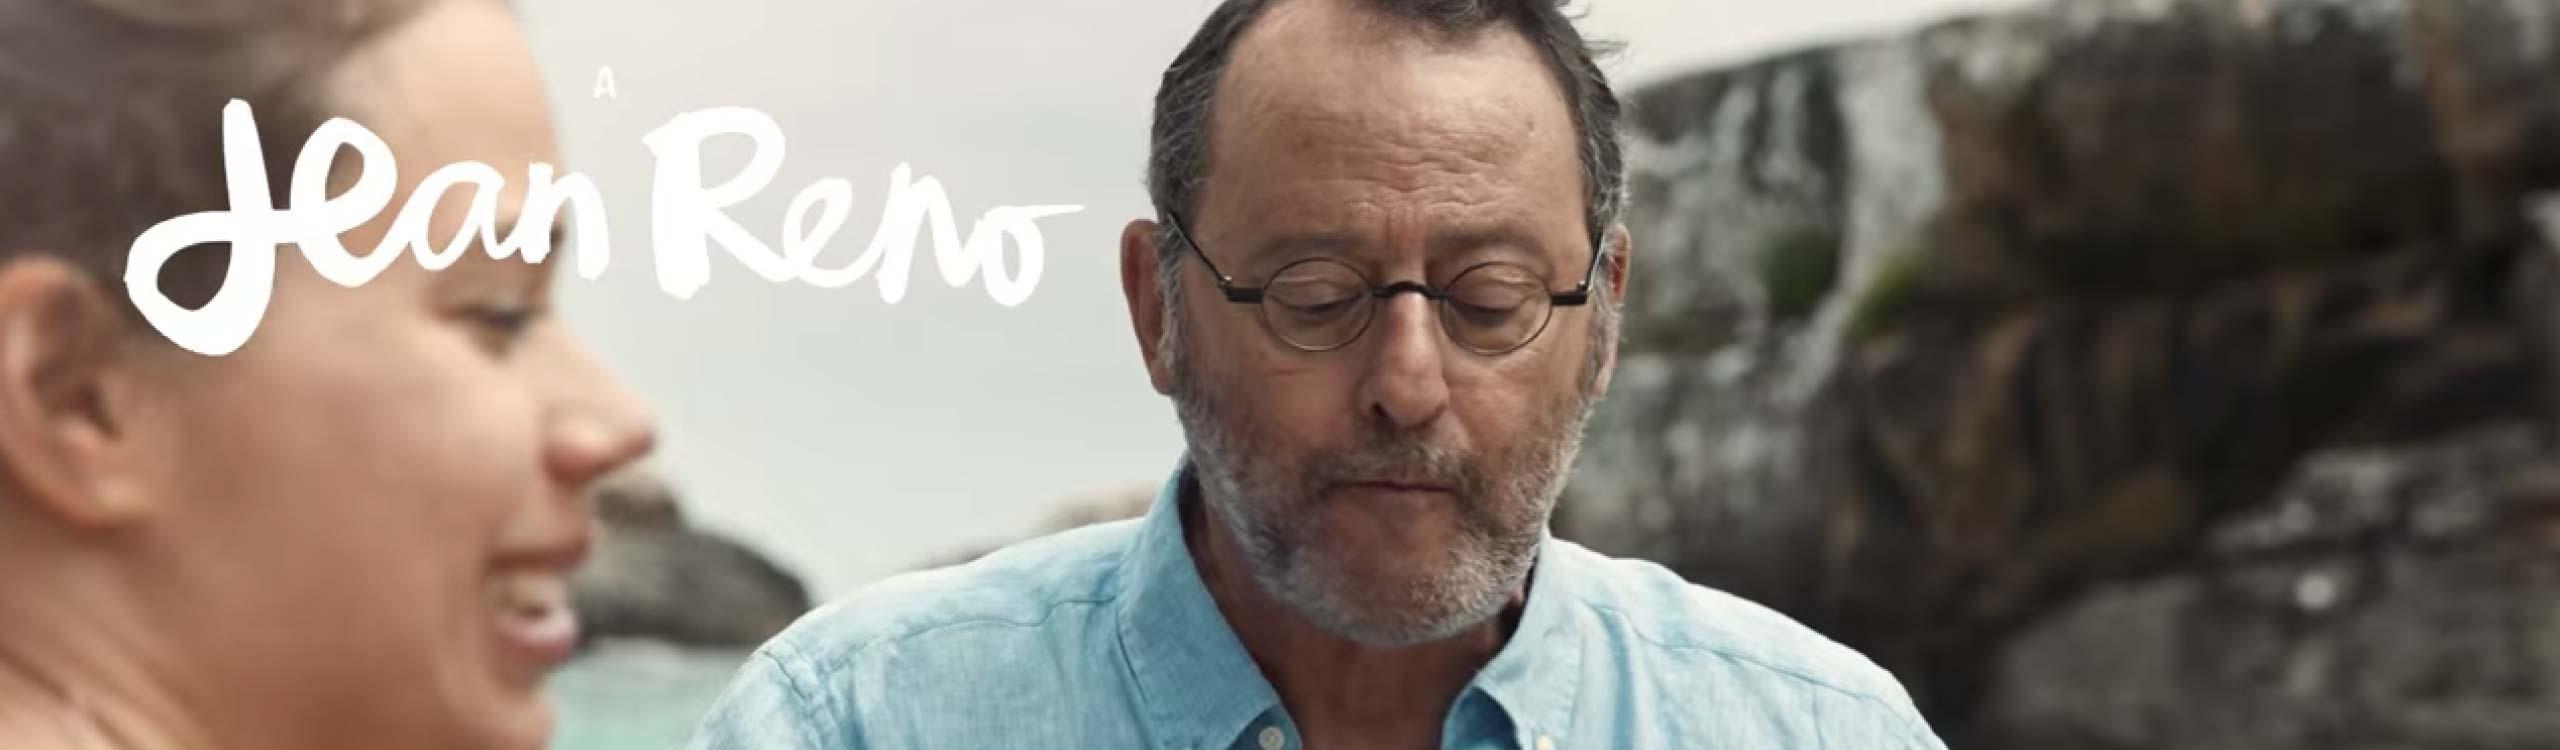 youtube anuncia la lista con los 10 anuncios más vistos del año destacado